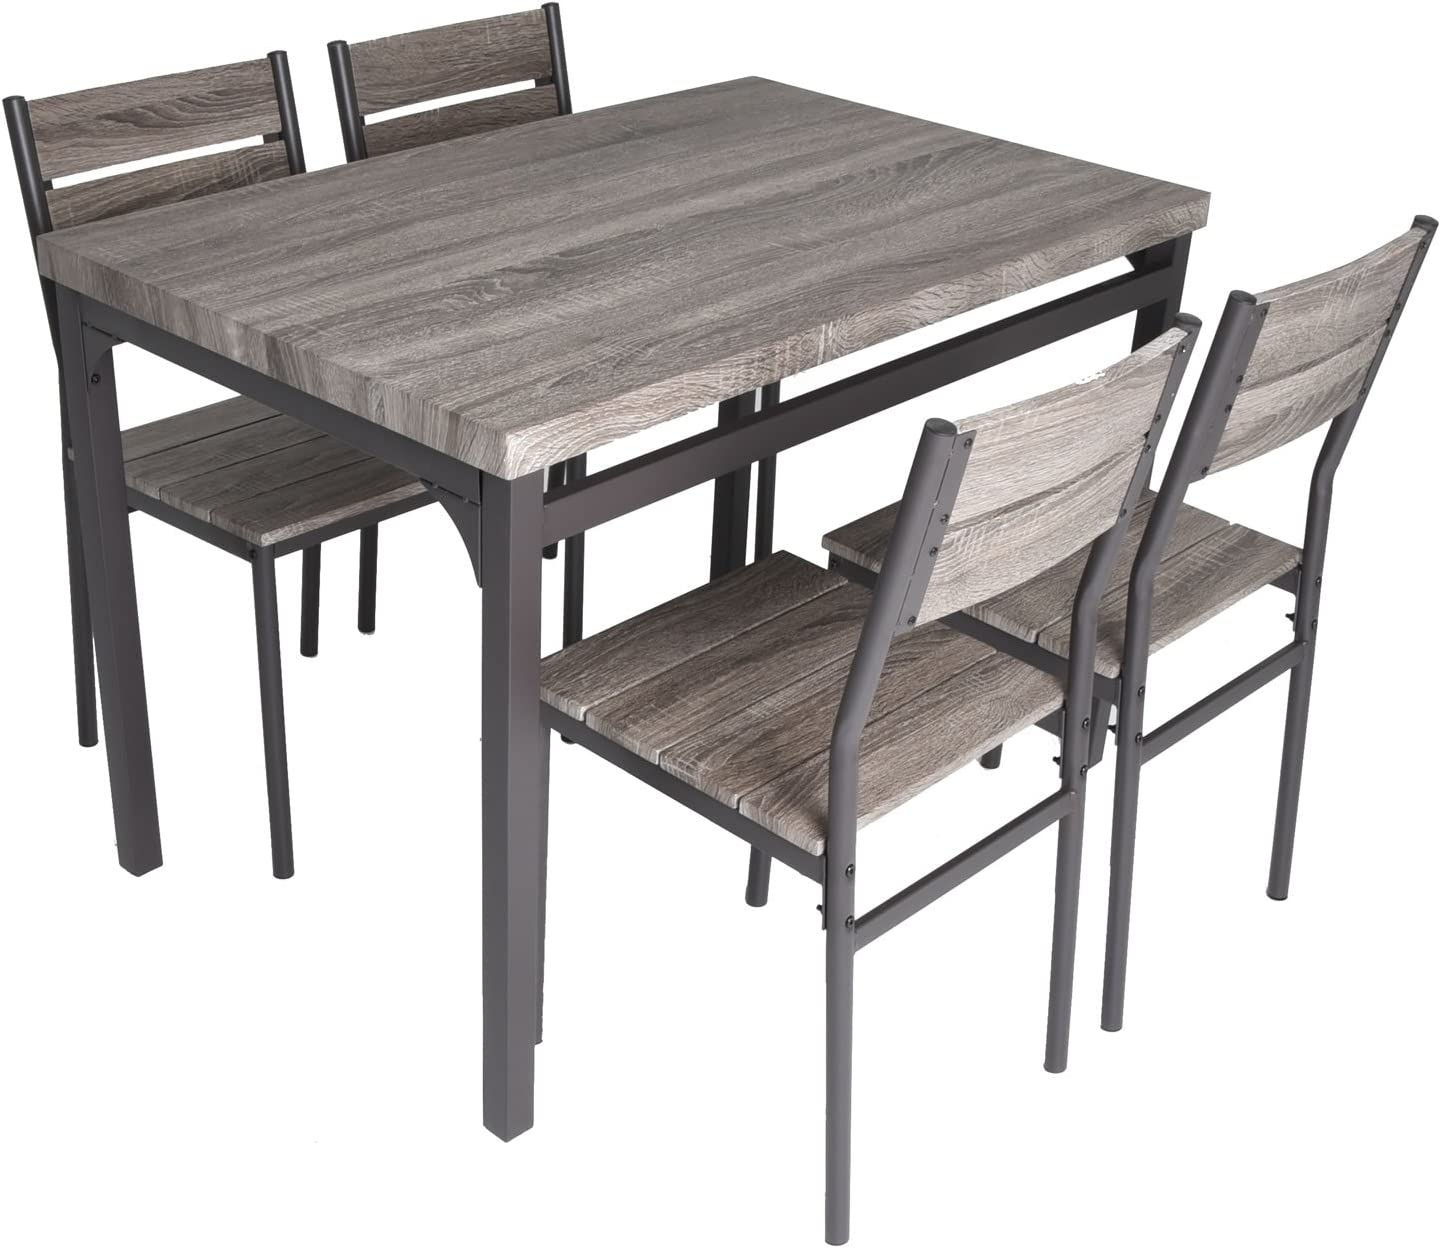 Zenvida - Juego de Mesa de Comedor de Madera rústica, Color Gris y 4 sillas: Amazon.es: Juguetes y juegos